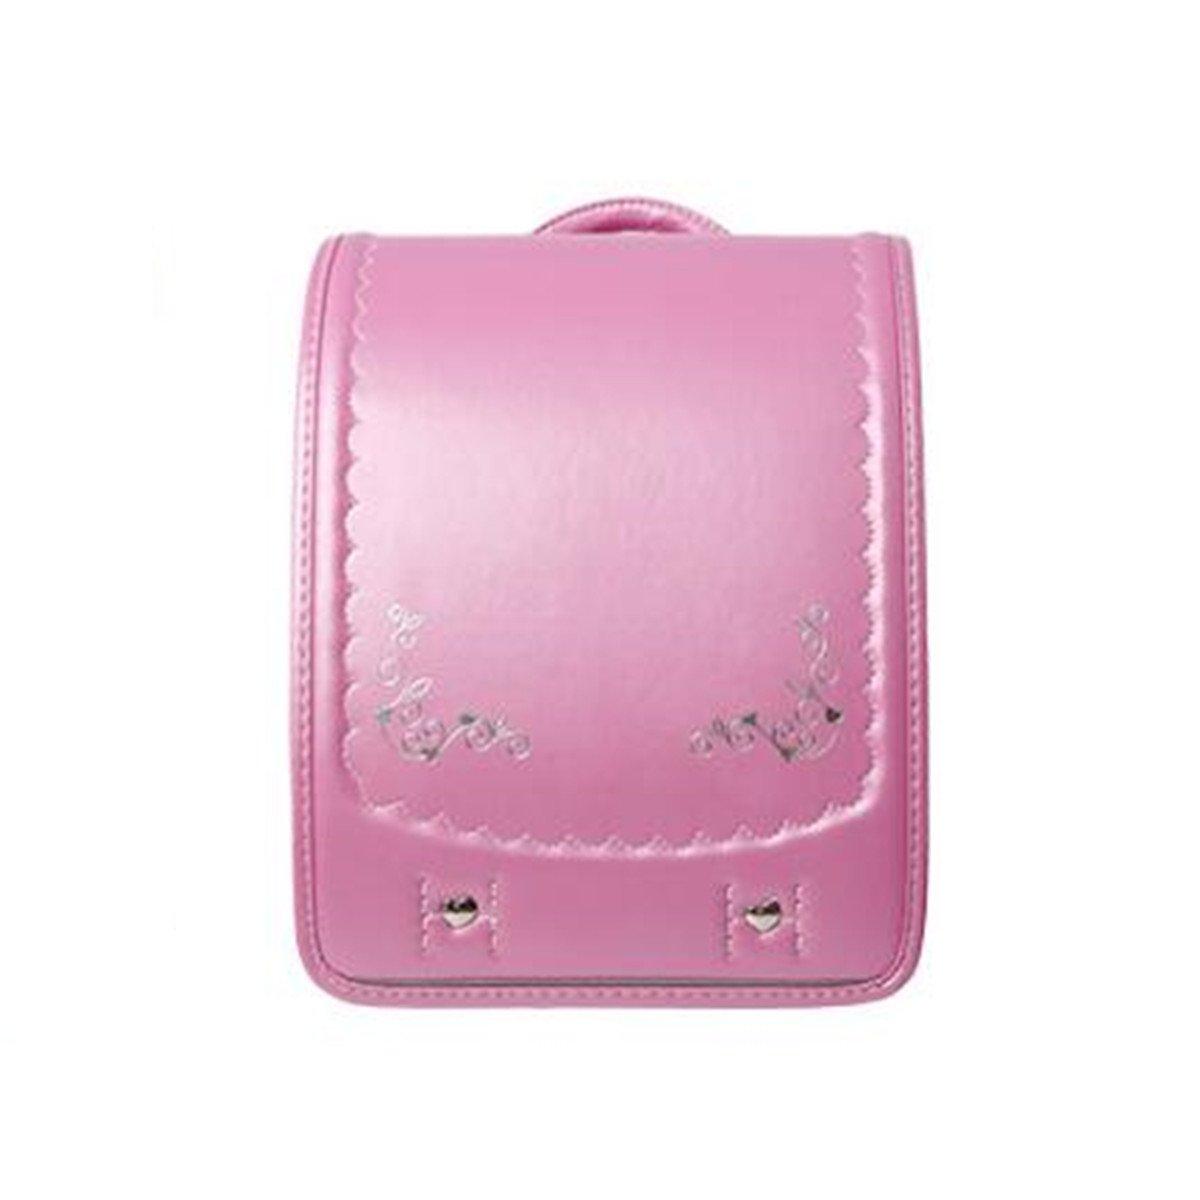 ランドセルランドセル かばん A4フラットファイル対応 女の子 ハート 可愛い入学祝い/プレゼント/誕生日/子供用 ガールズ フリーサイズ ピンク B07DGYMX7K